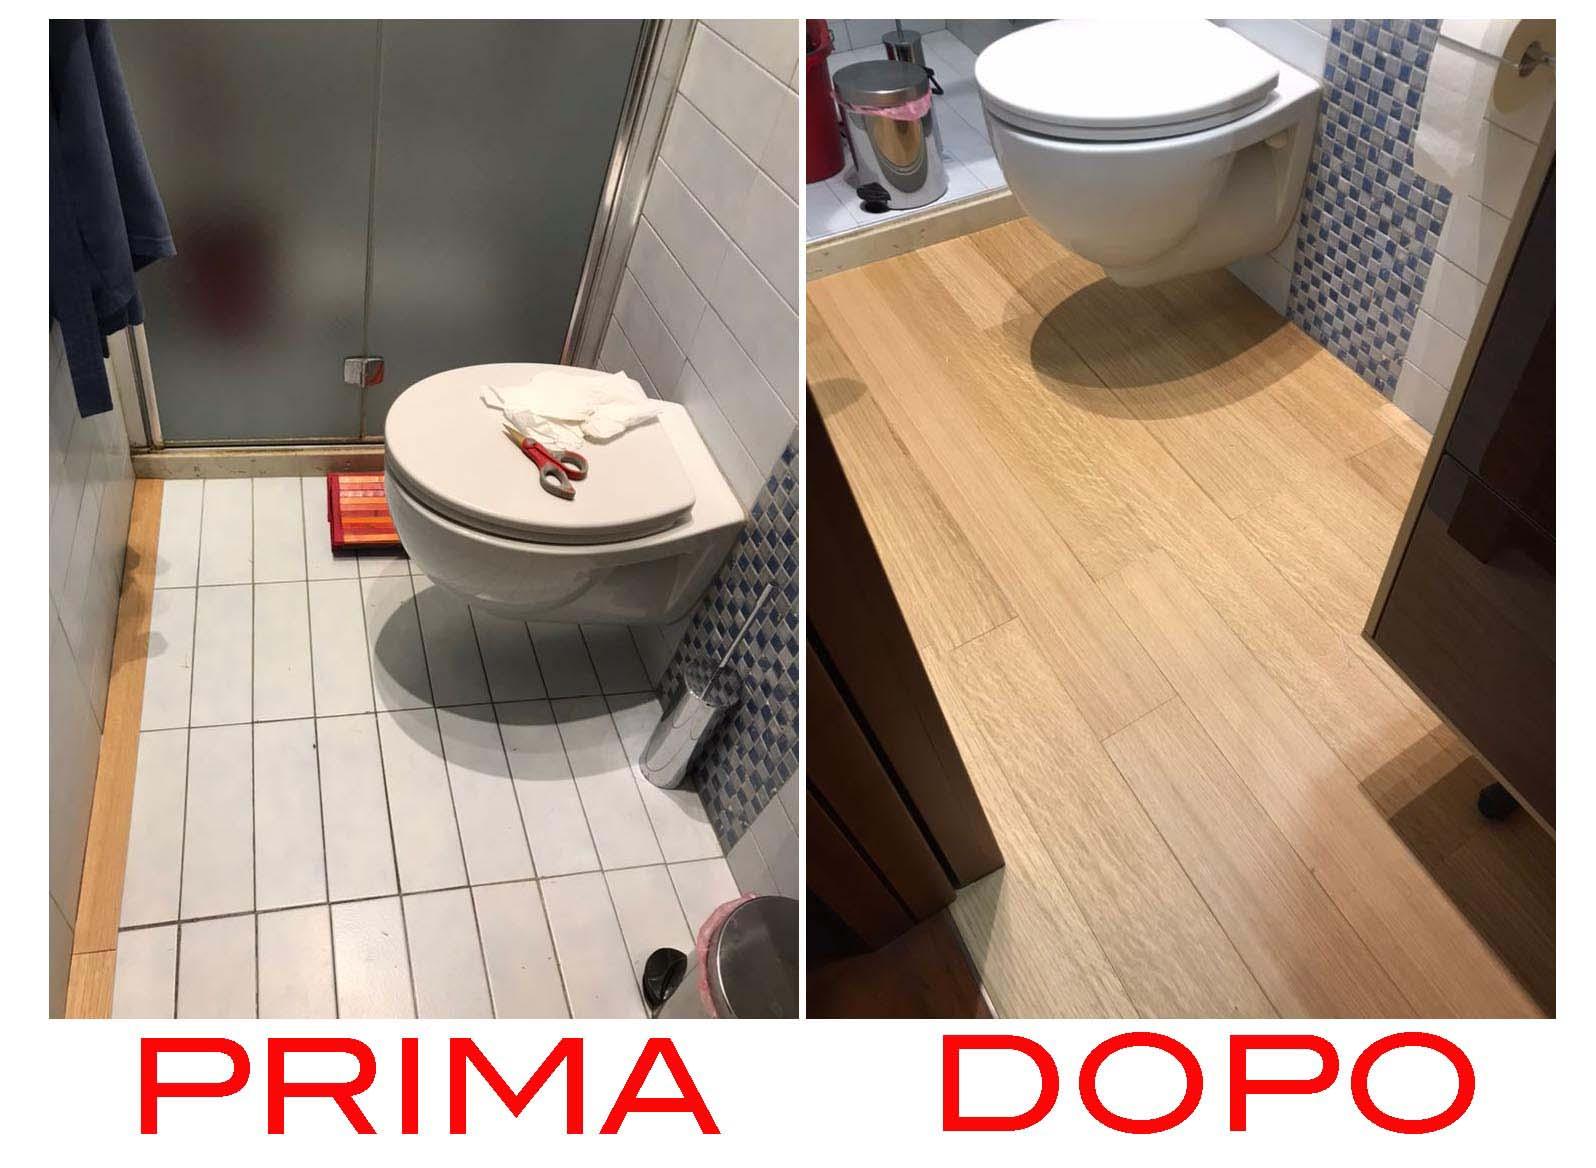 PRIMA-DOPO